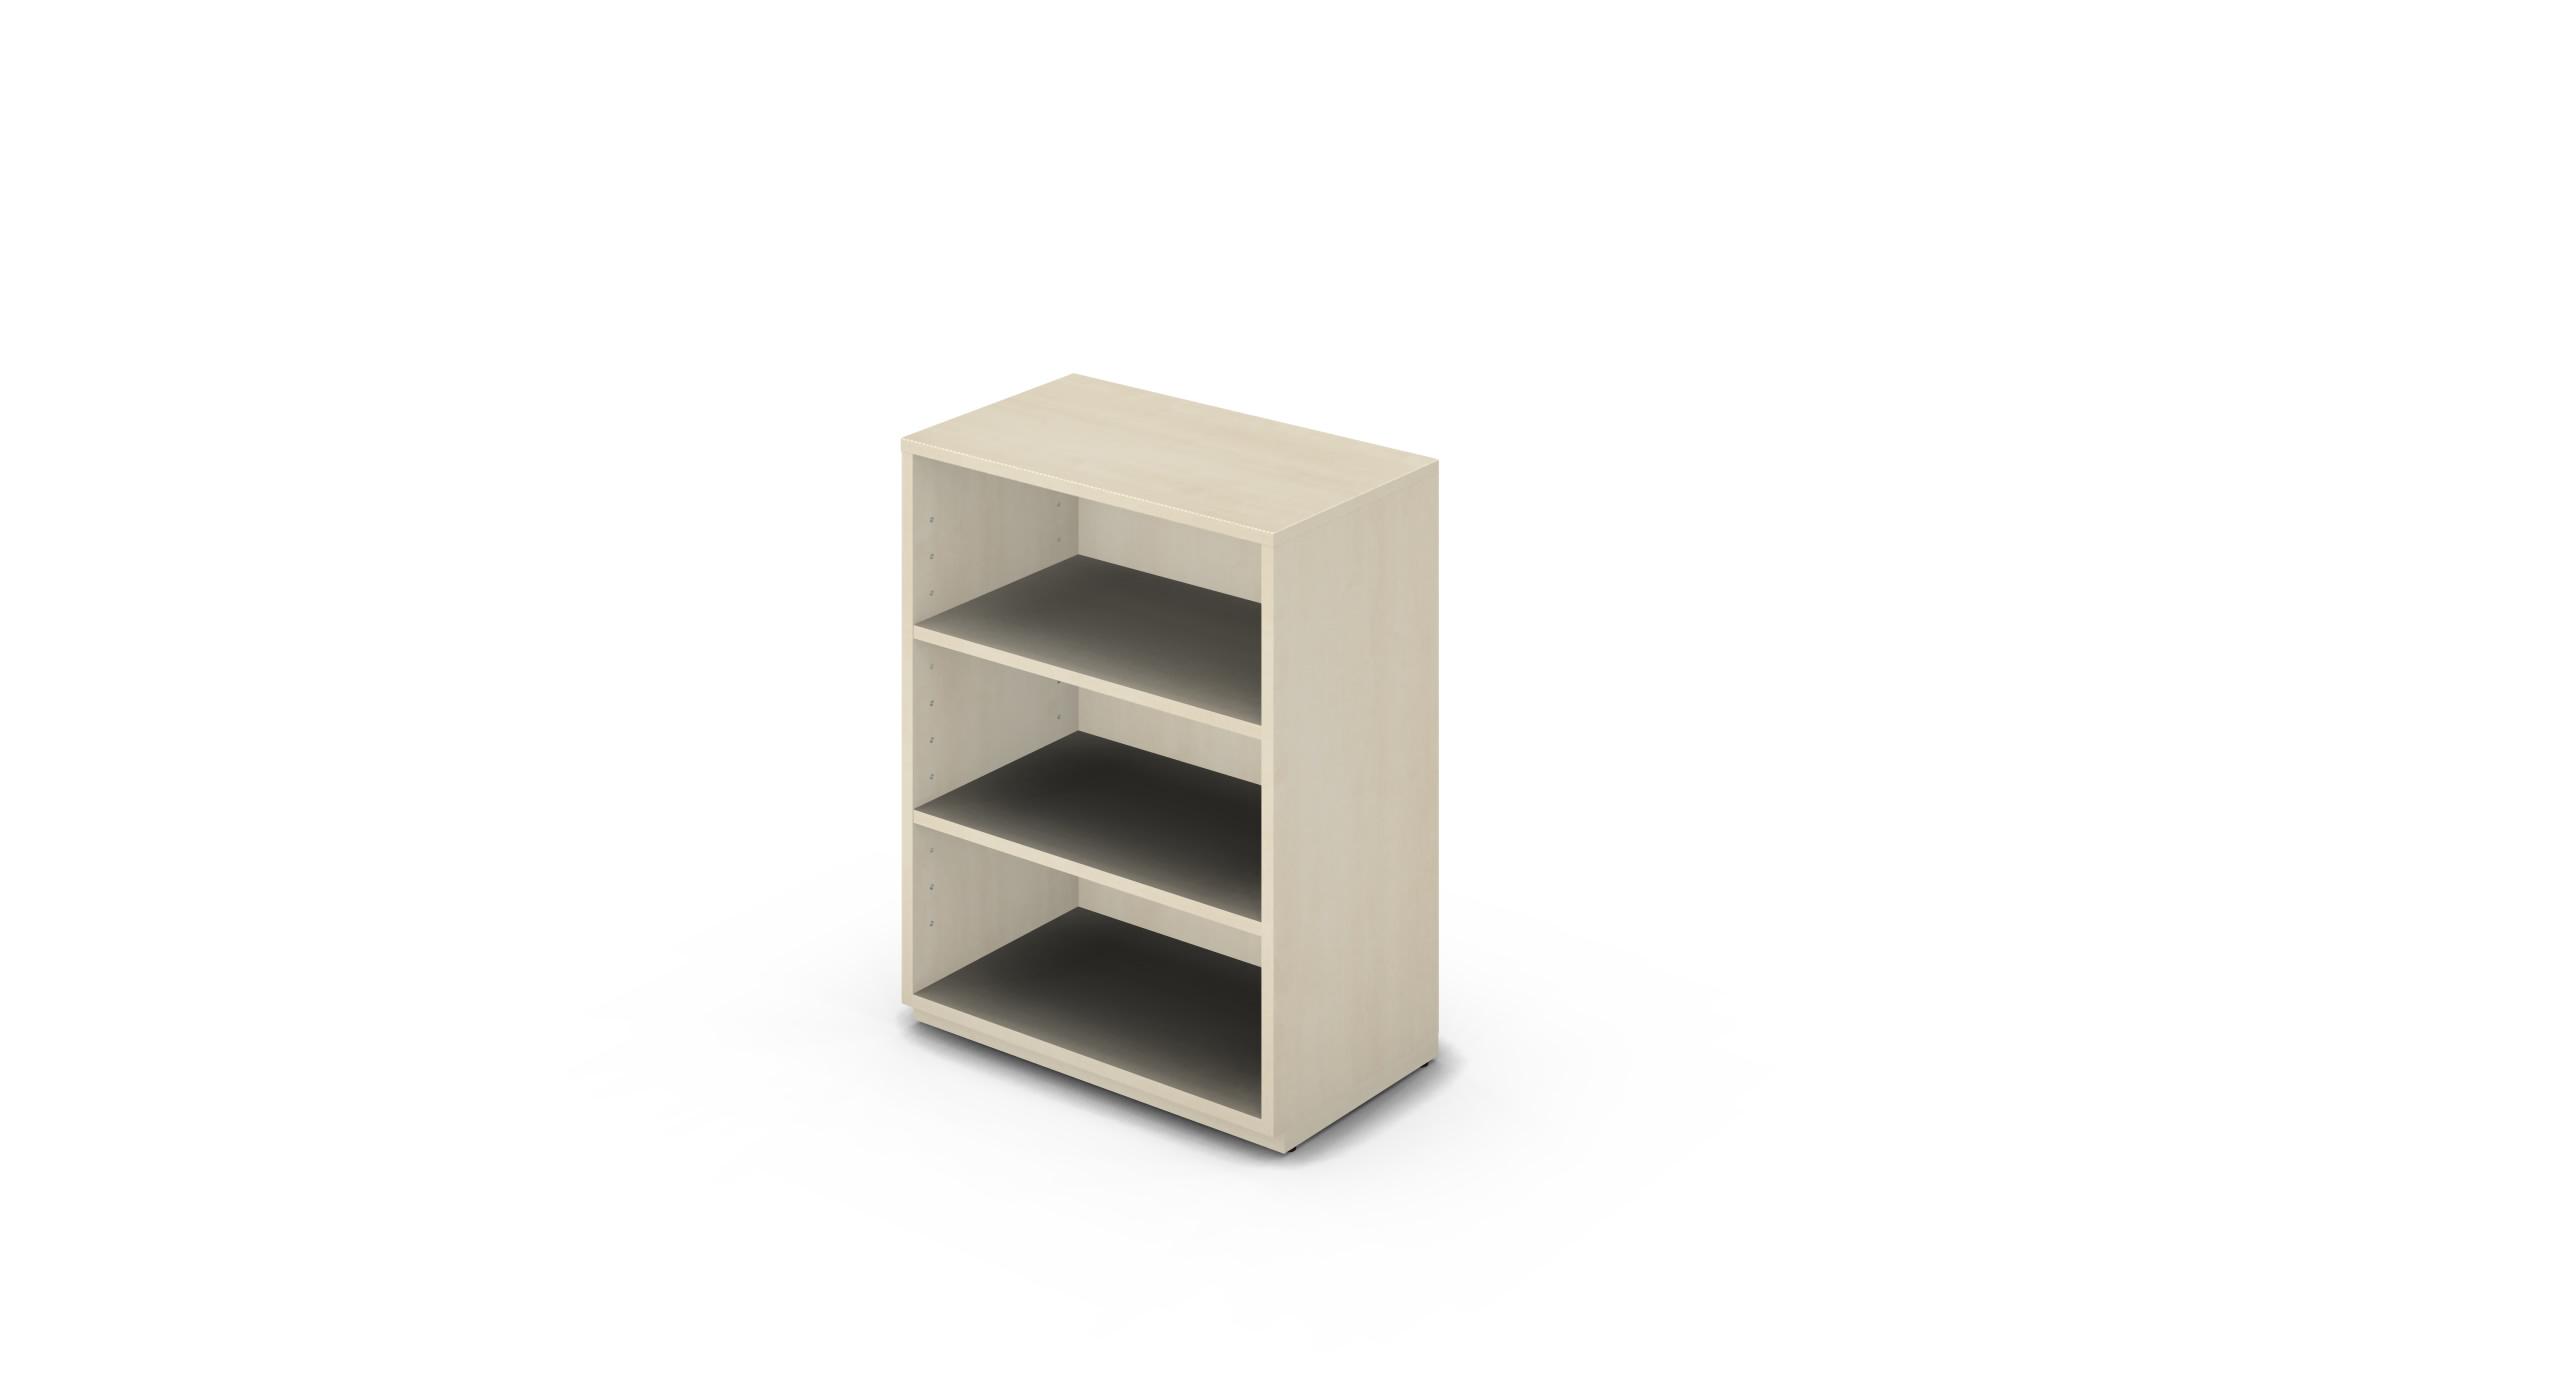 Shelf_800x450x1125_Maple